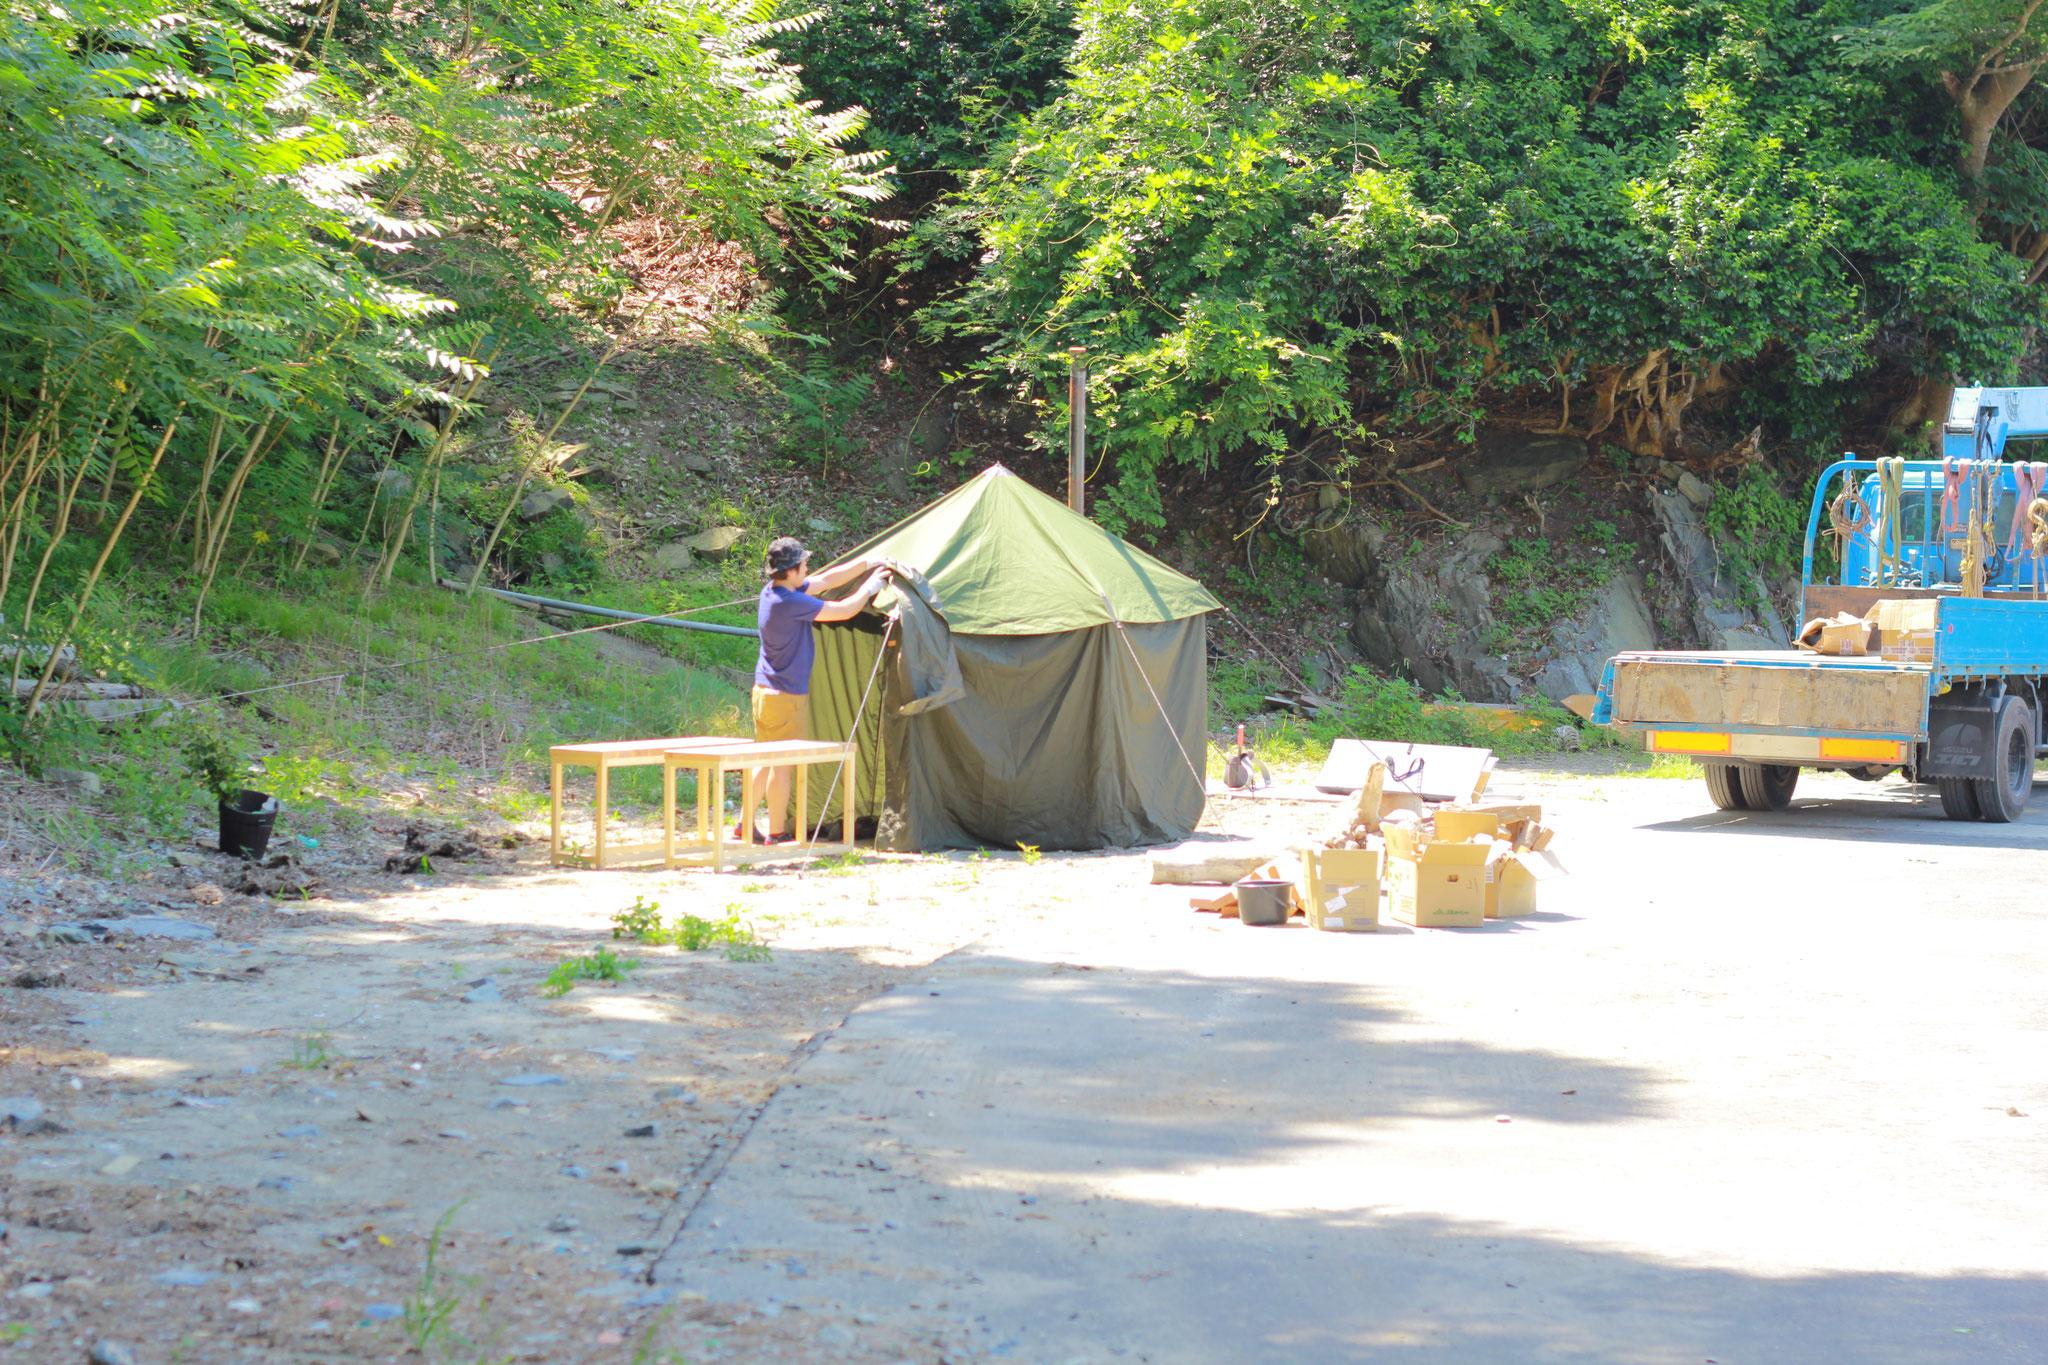 フィンランドから直輸入したサウナ用のテントだそうです。